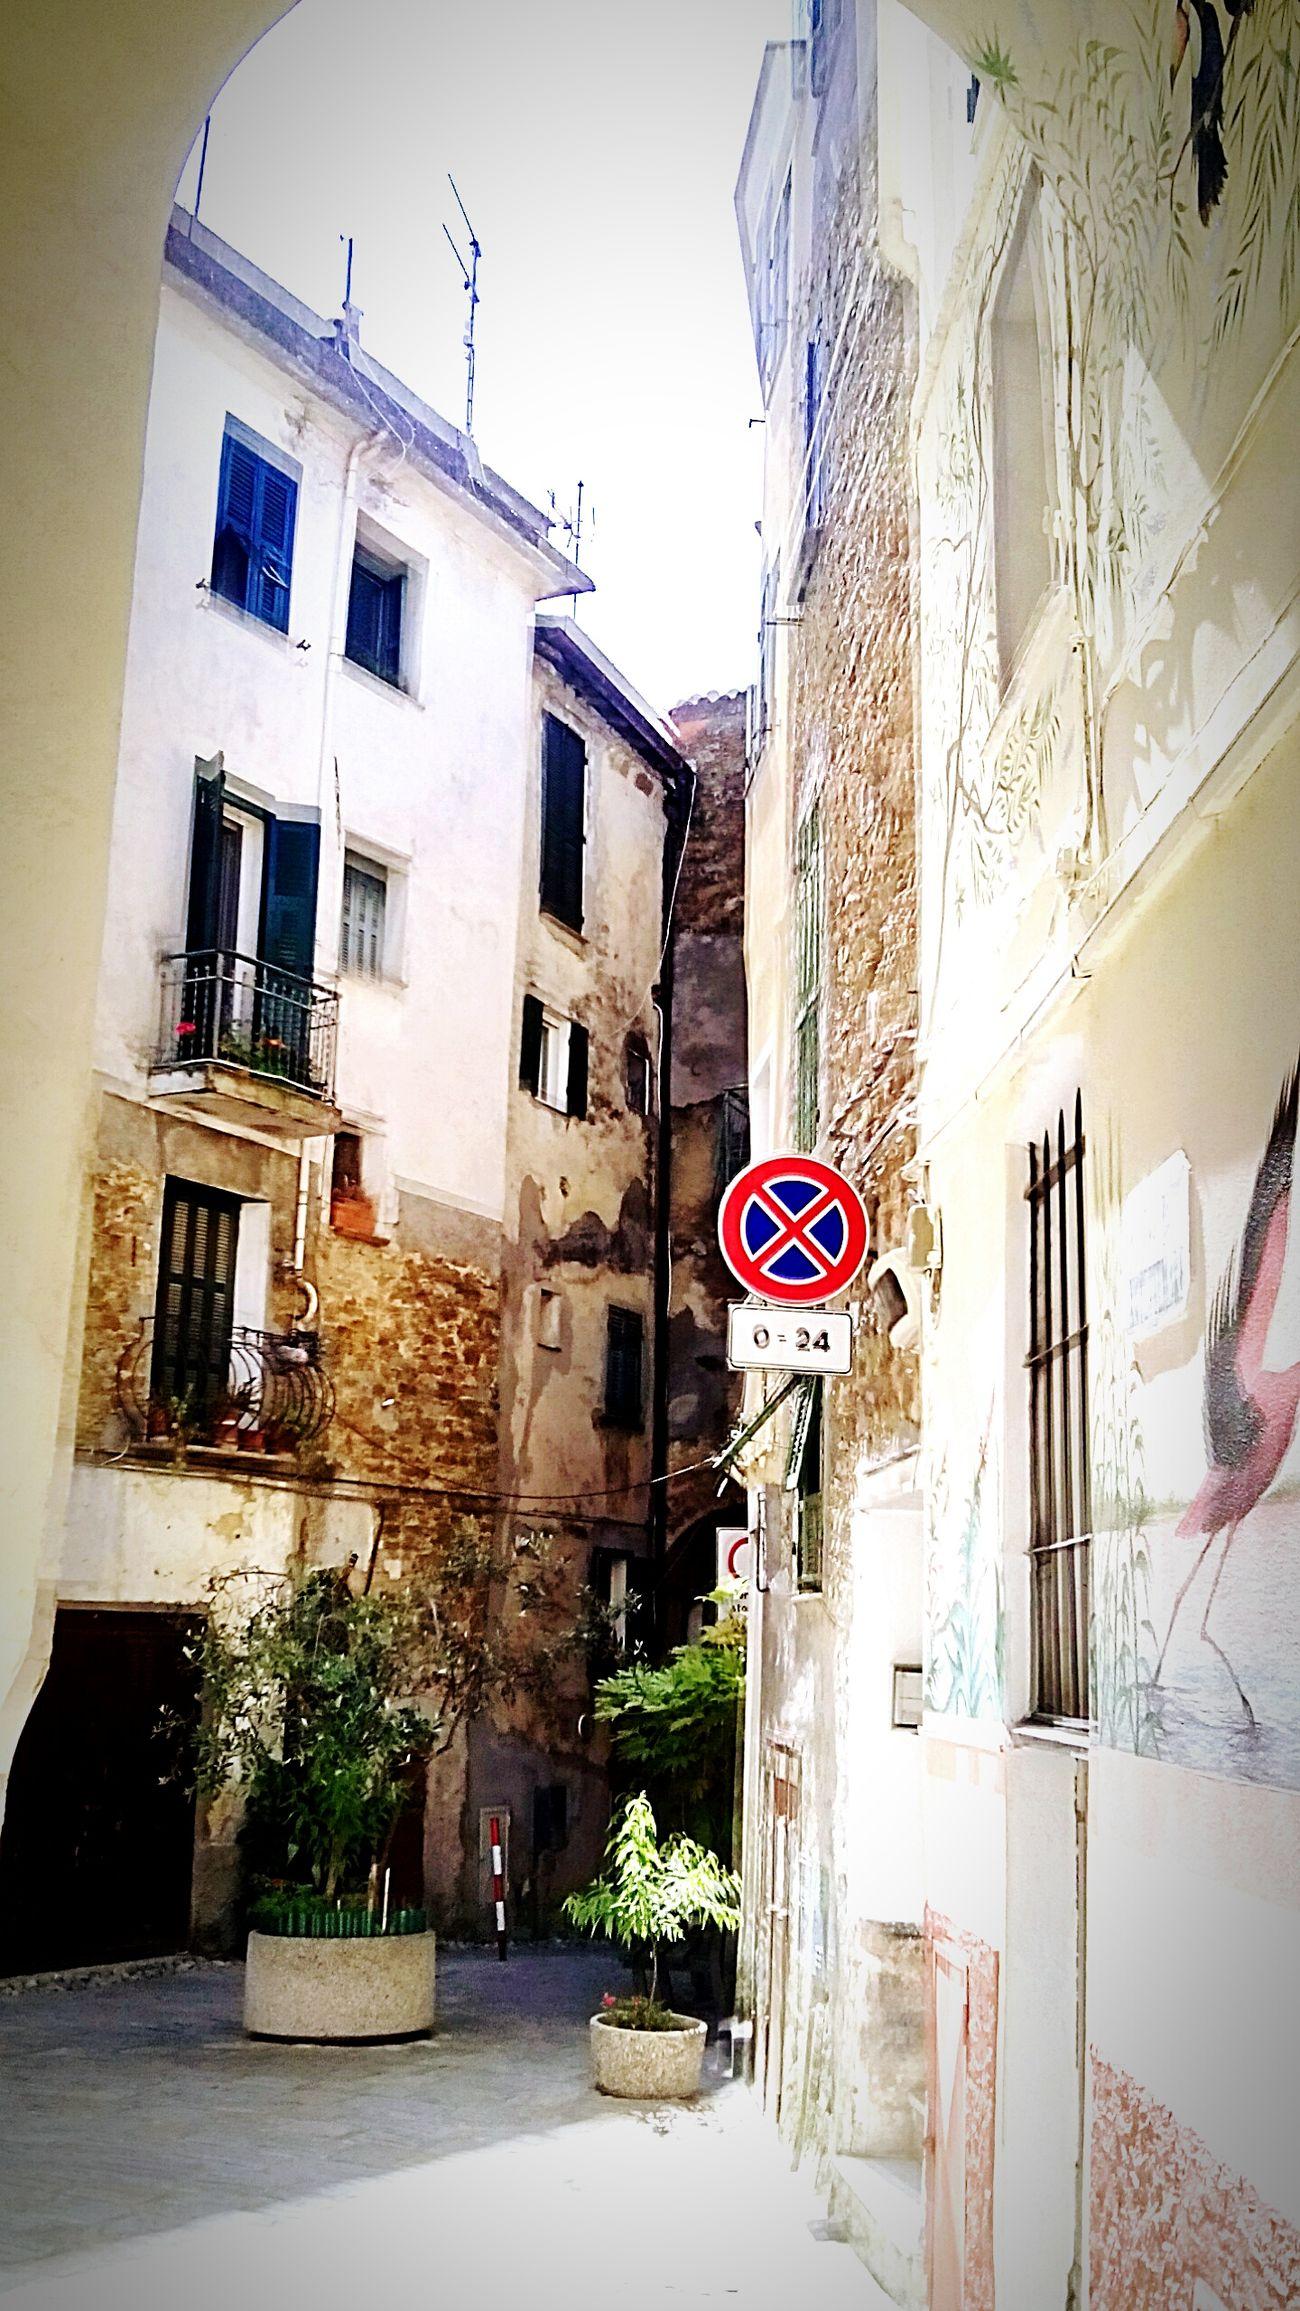 Borgo Antico Ancient Village Perinaldo Liguria - Riviera Di Ponente Riviera Dei Fiori Italian Riviera Old Village Val Verbone Urban Landscape Paesaggiourbano